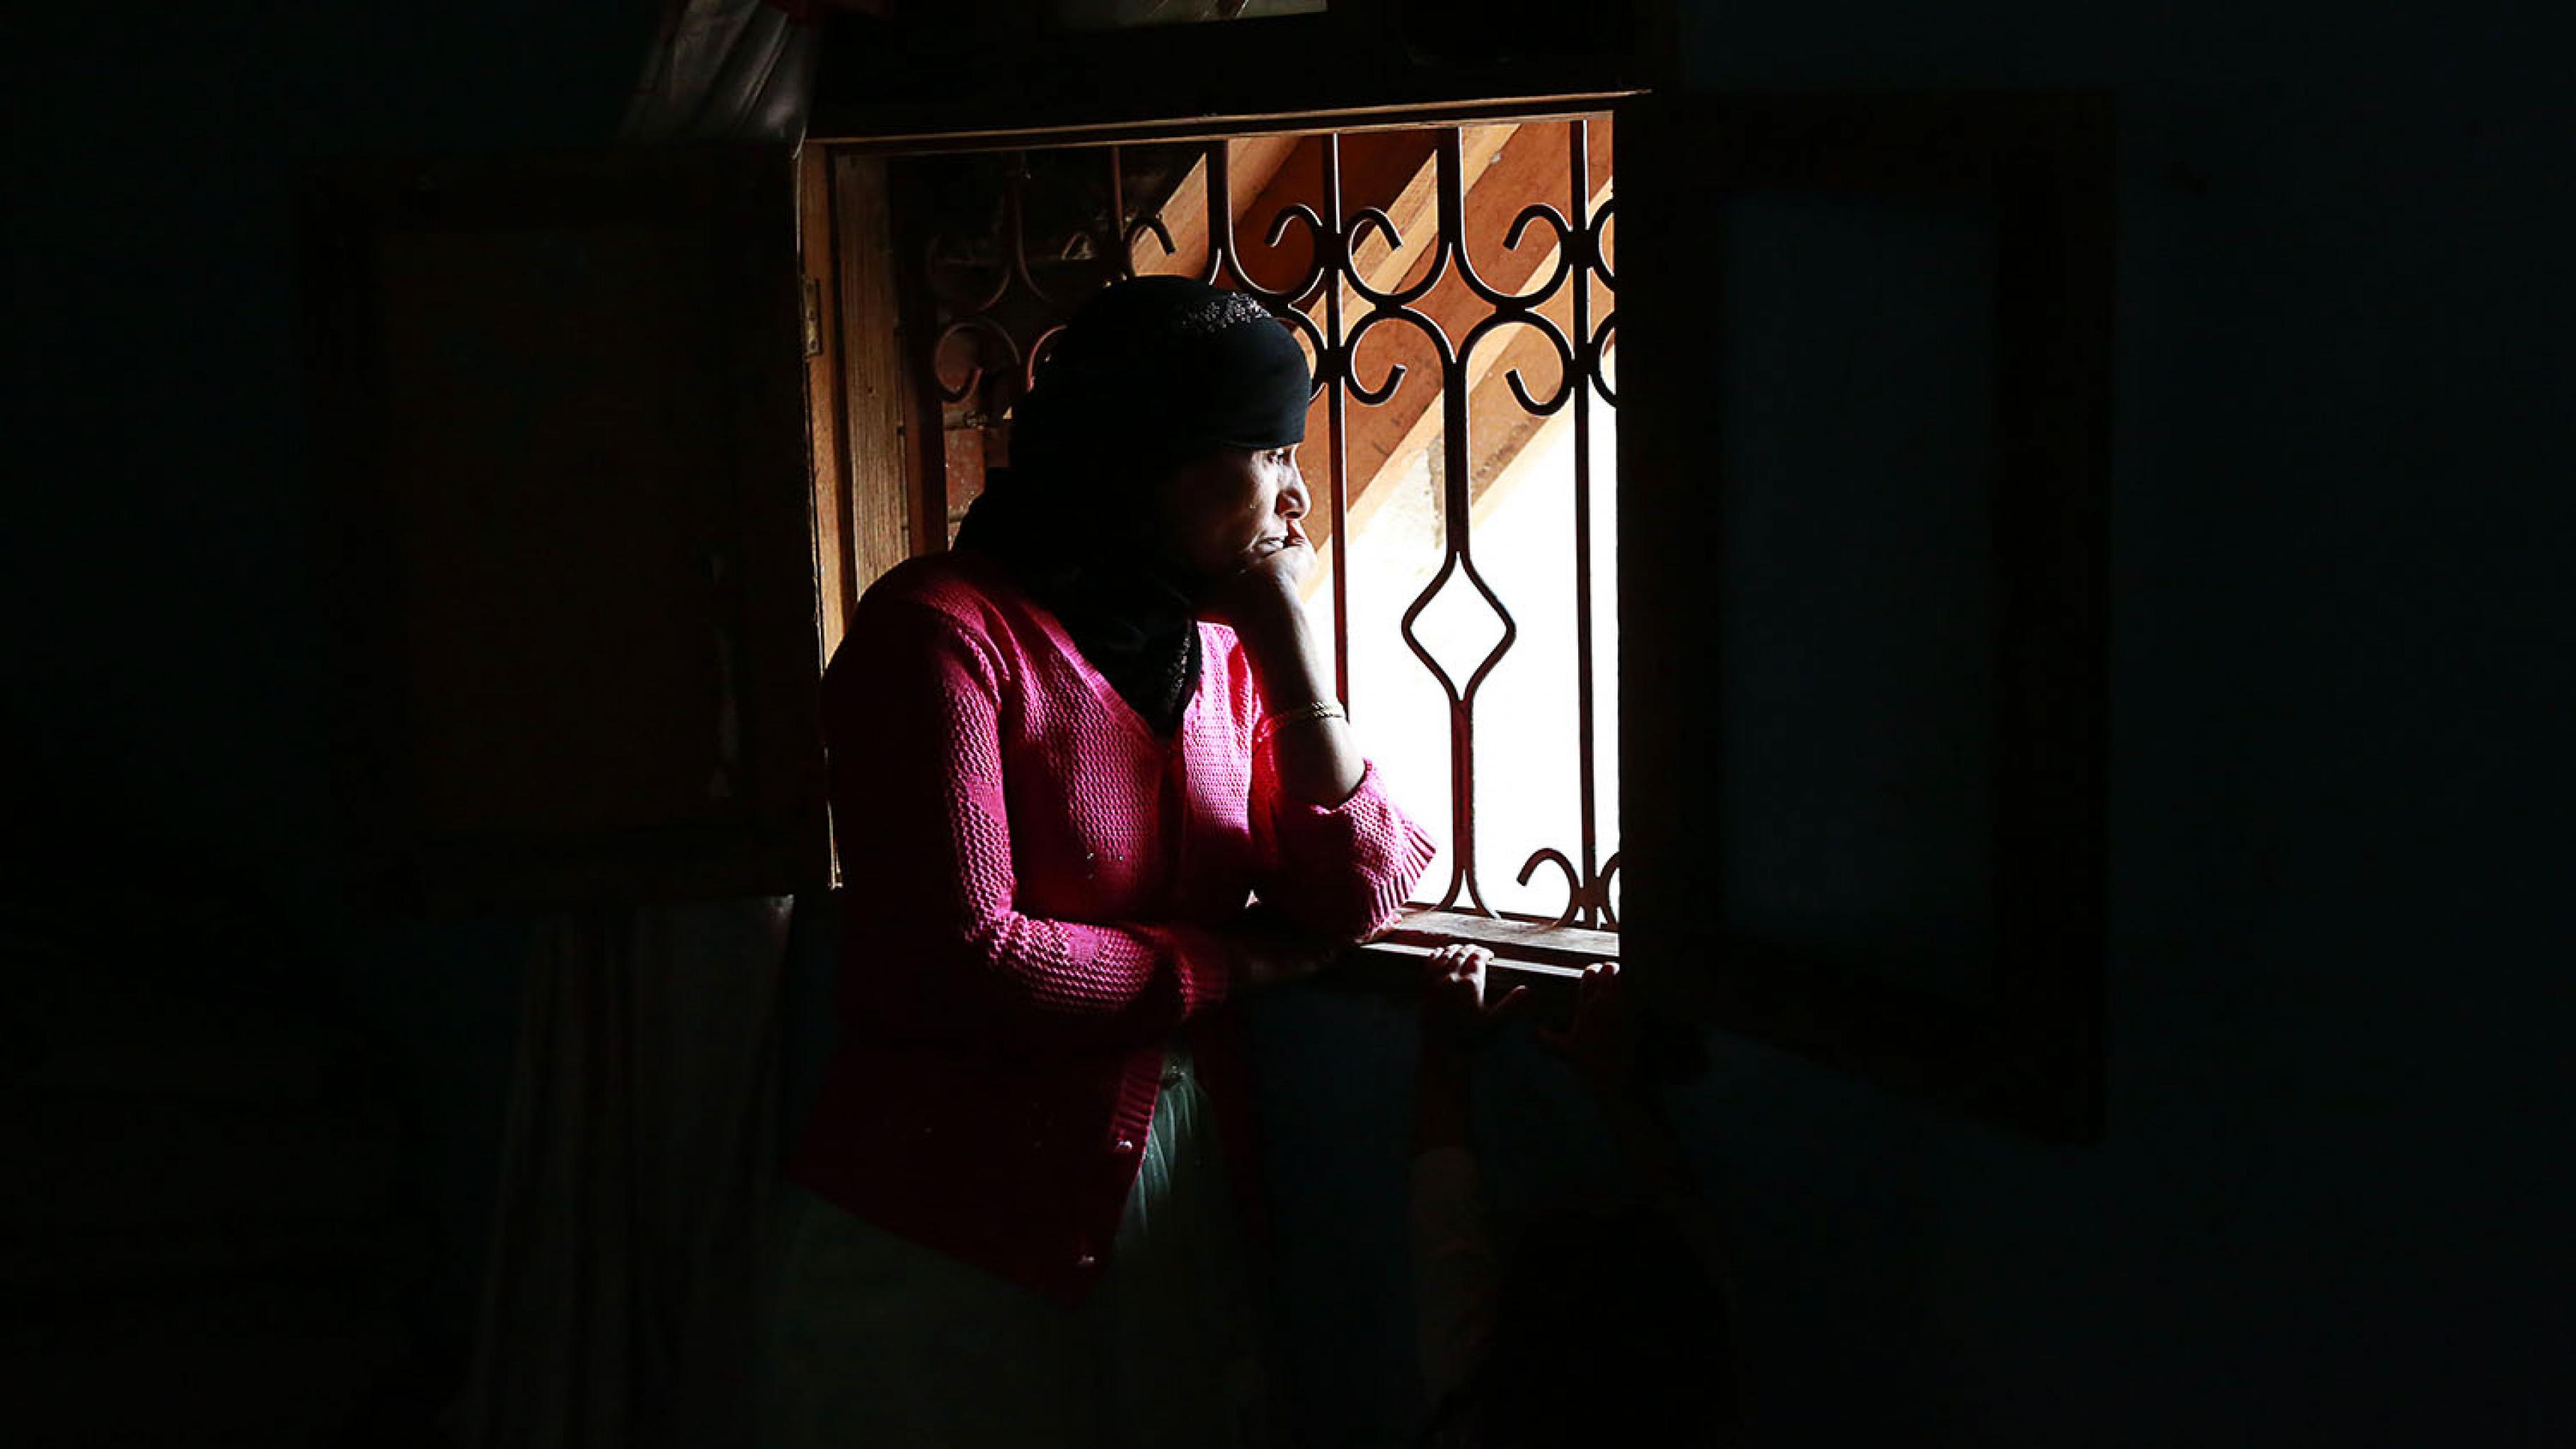 Om Nawal steht gedankenverloren am Fenster